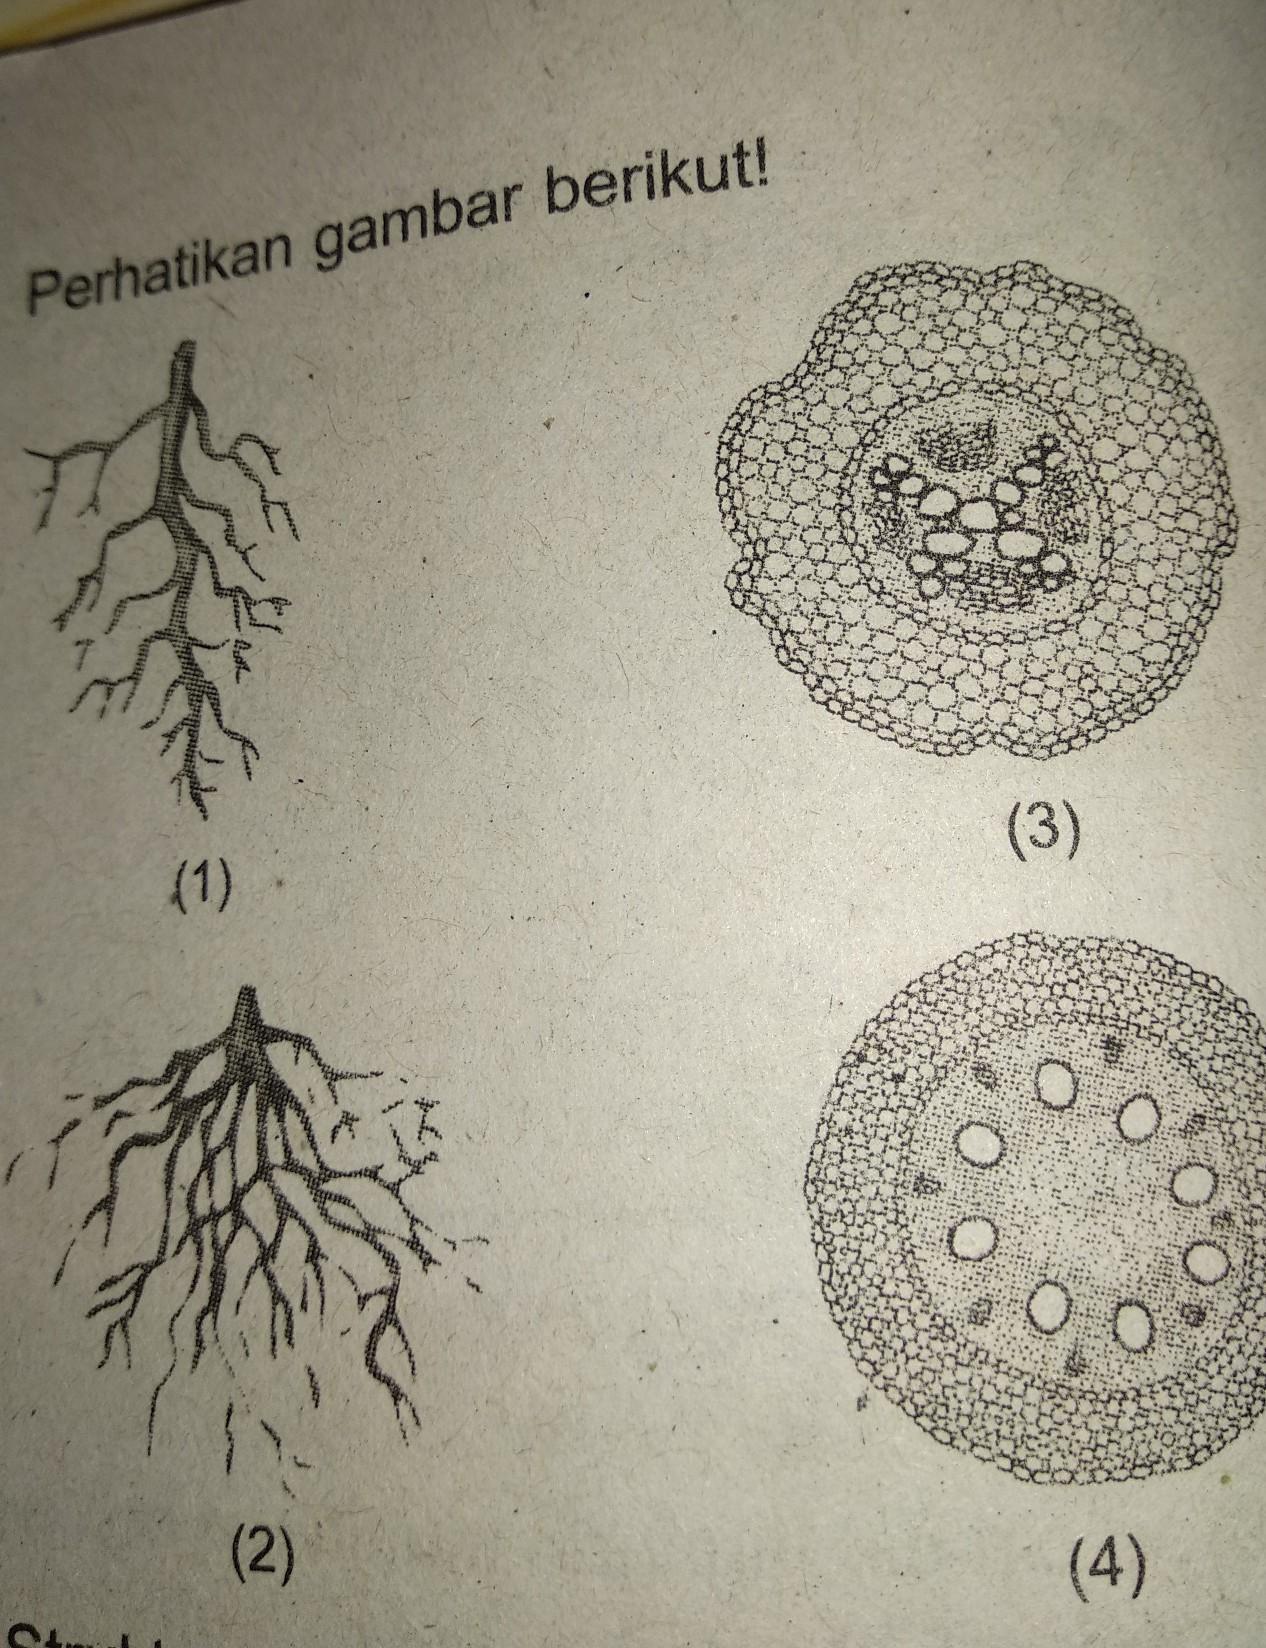 Struktur Morfologi Dan Anatomi Akar Tumbuhandicotyledoneae Berturut Turut Terdapat Padanomora 1 Brainly Co Id